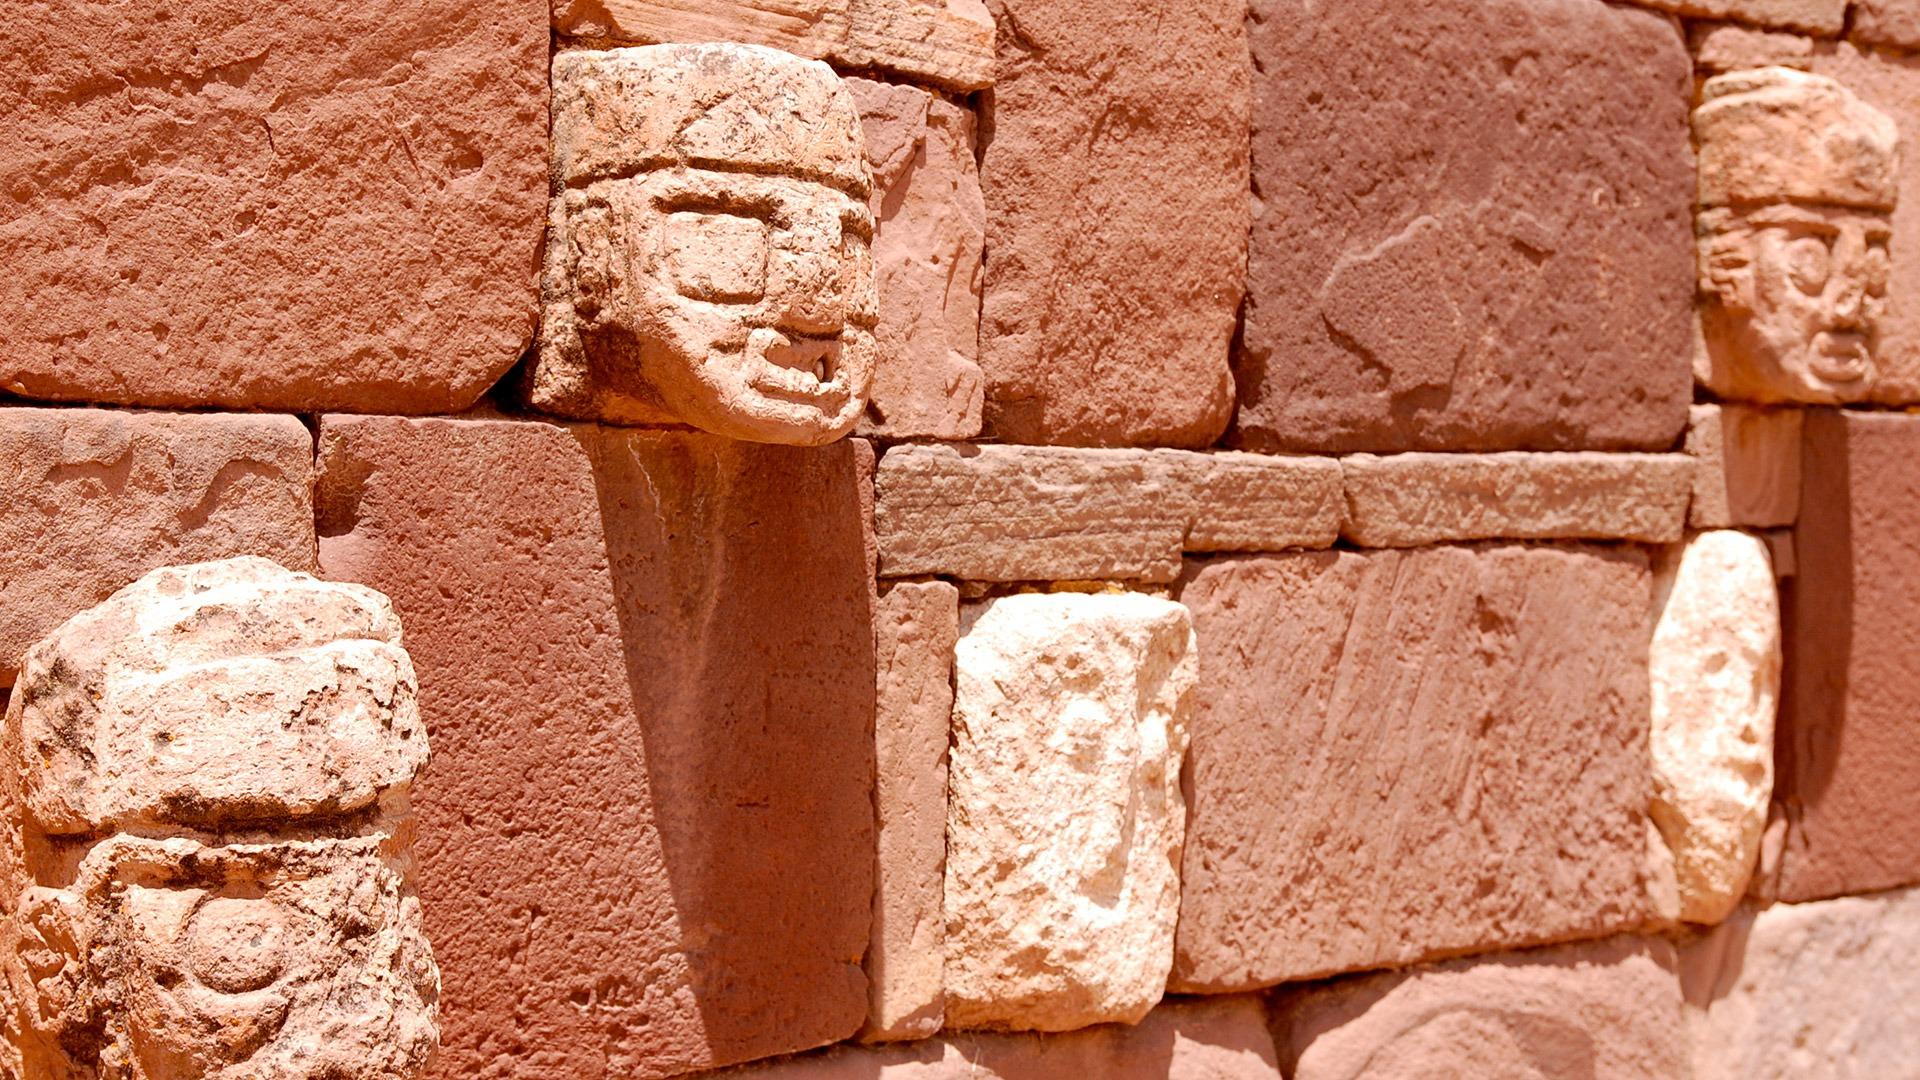 Stone carvings at the ruins of Tiwanaku, Bolivia